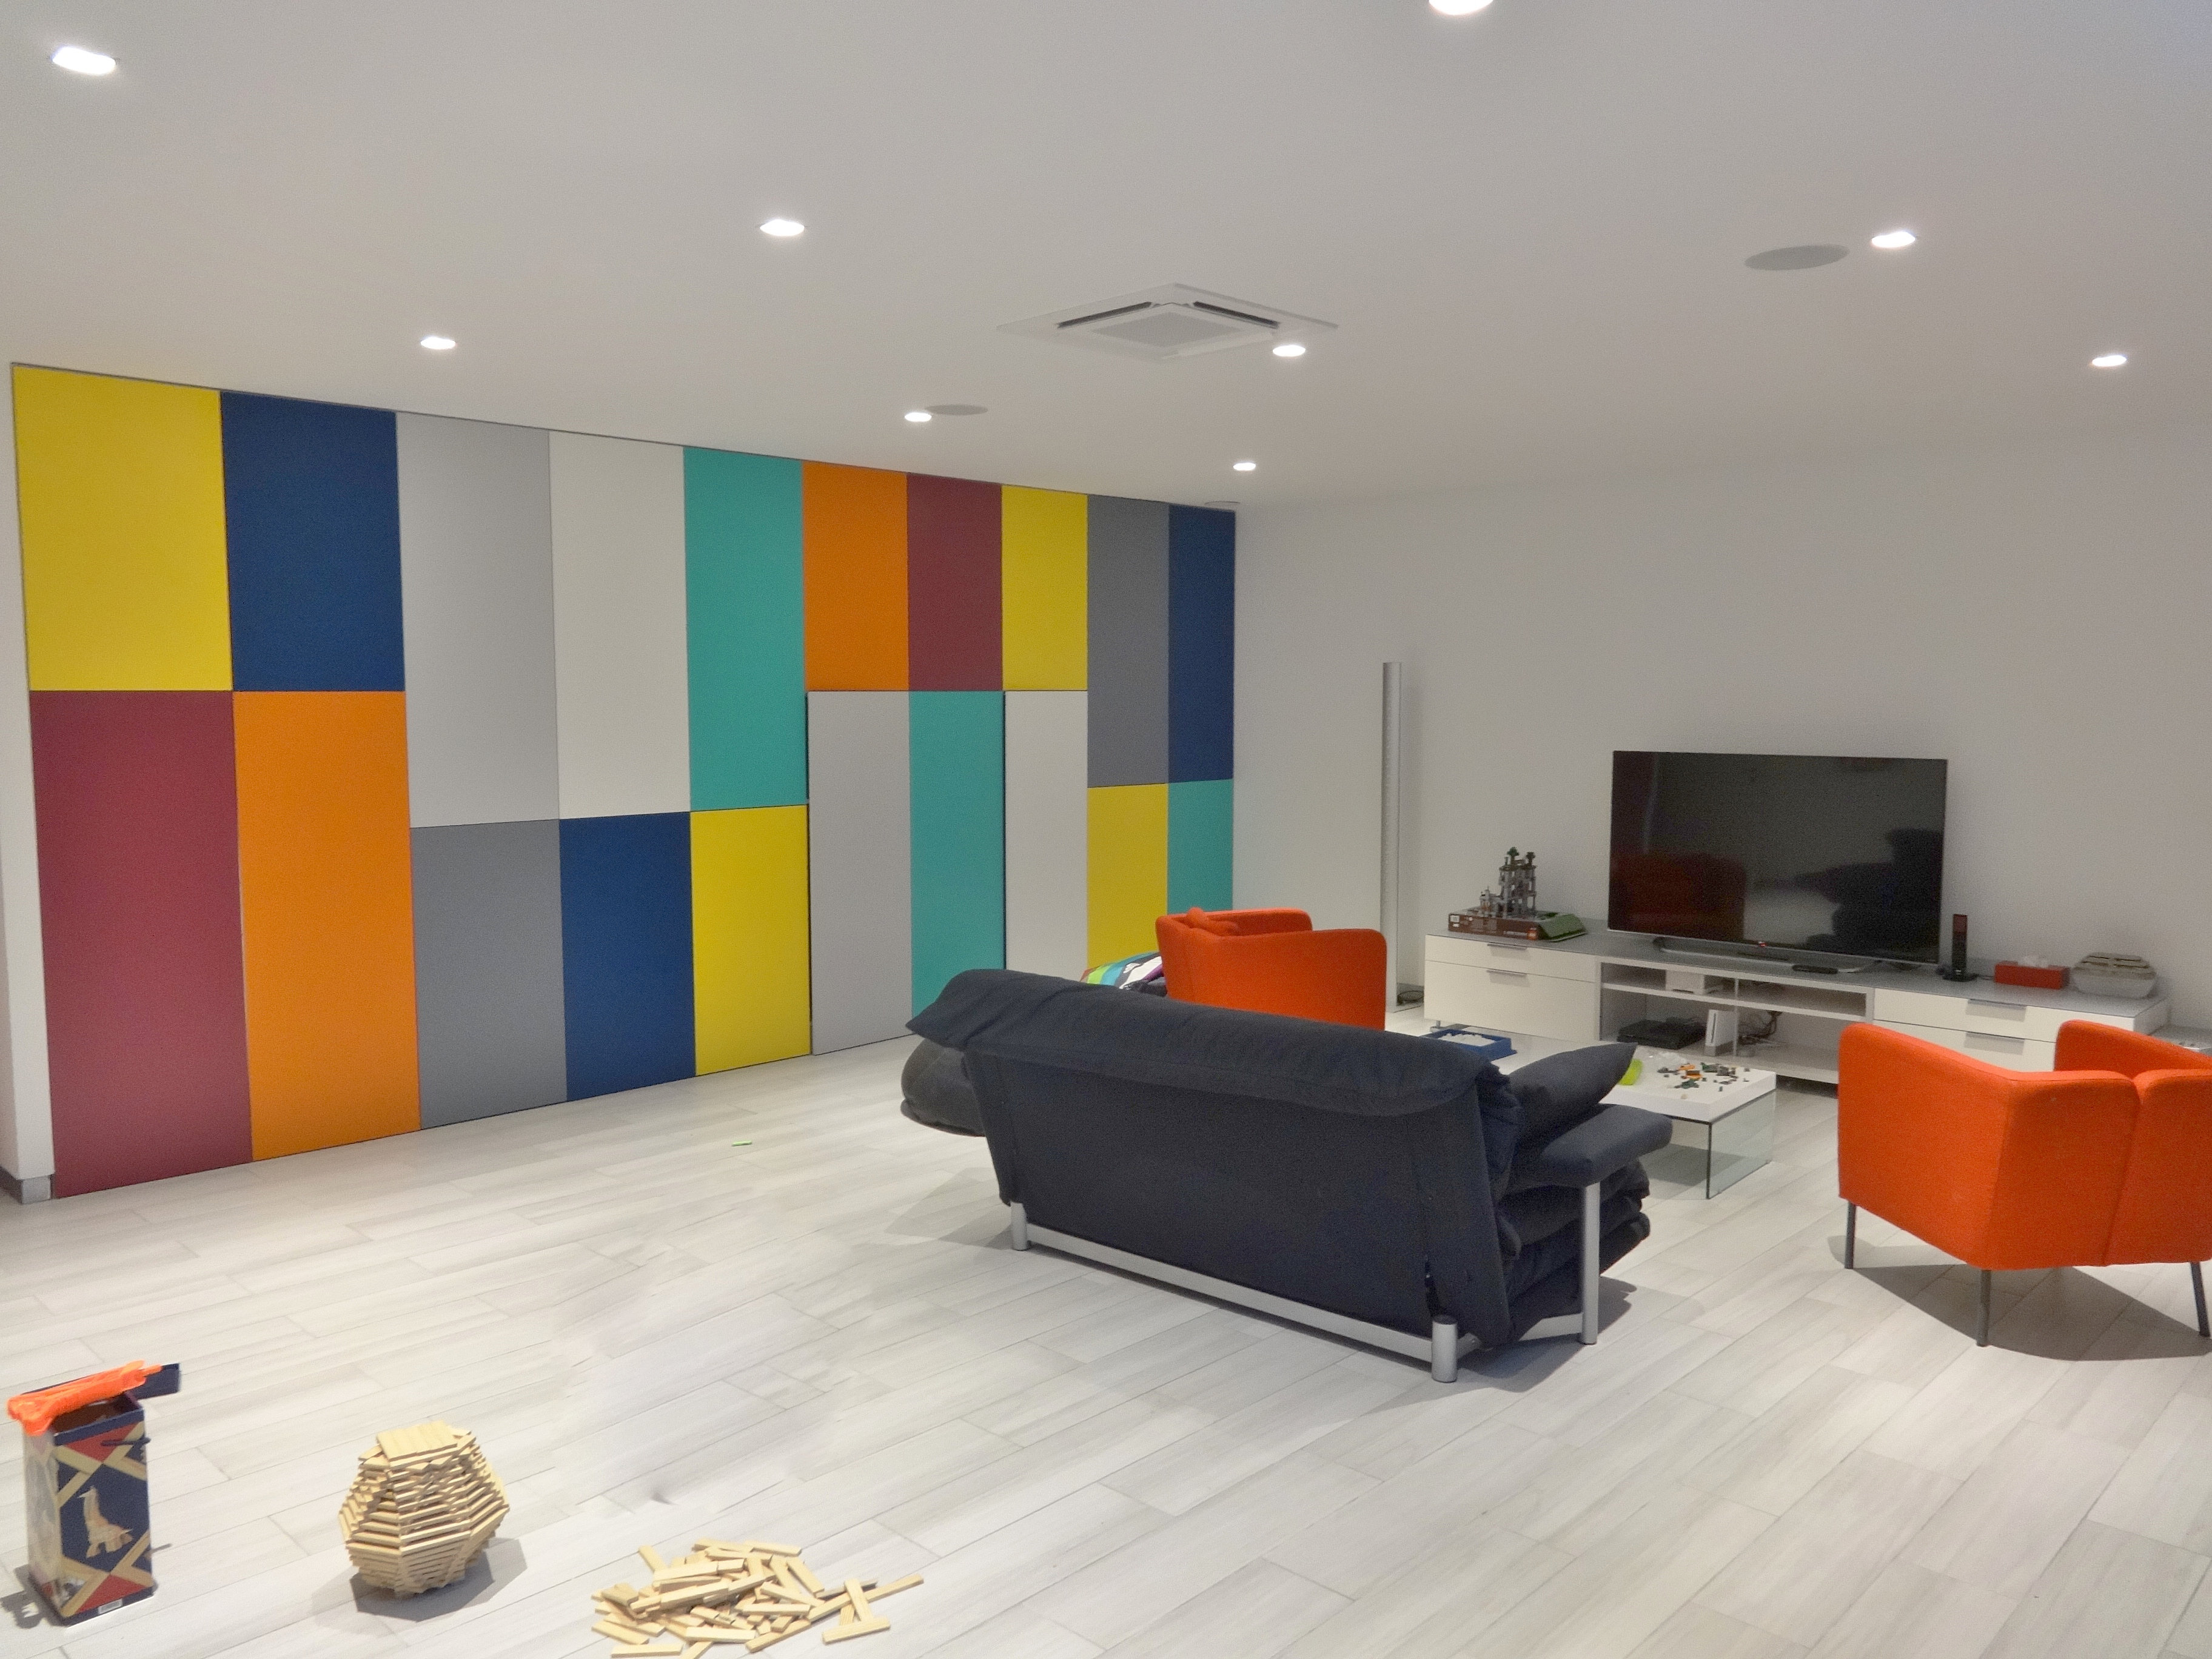 sarah archi in architecte d 39 int rieur d corateur marseille placards de la salle de jeux. Black Bedroom Furniture Sets. Home Design Ideas